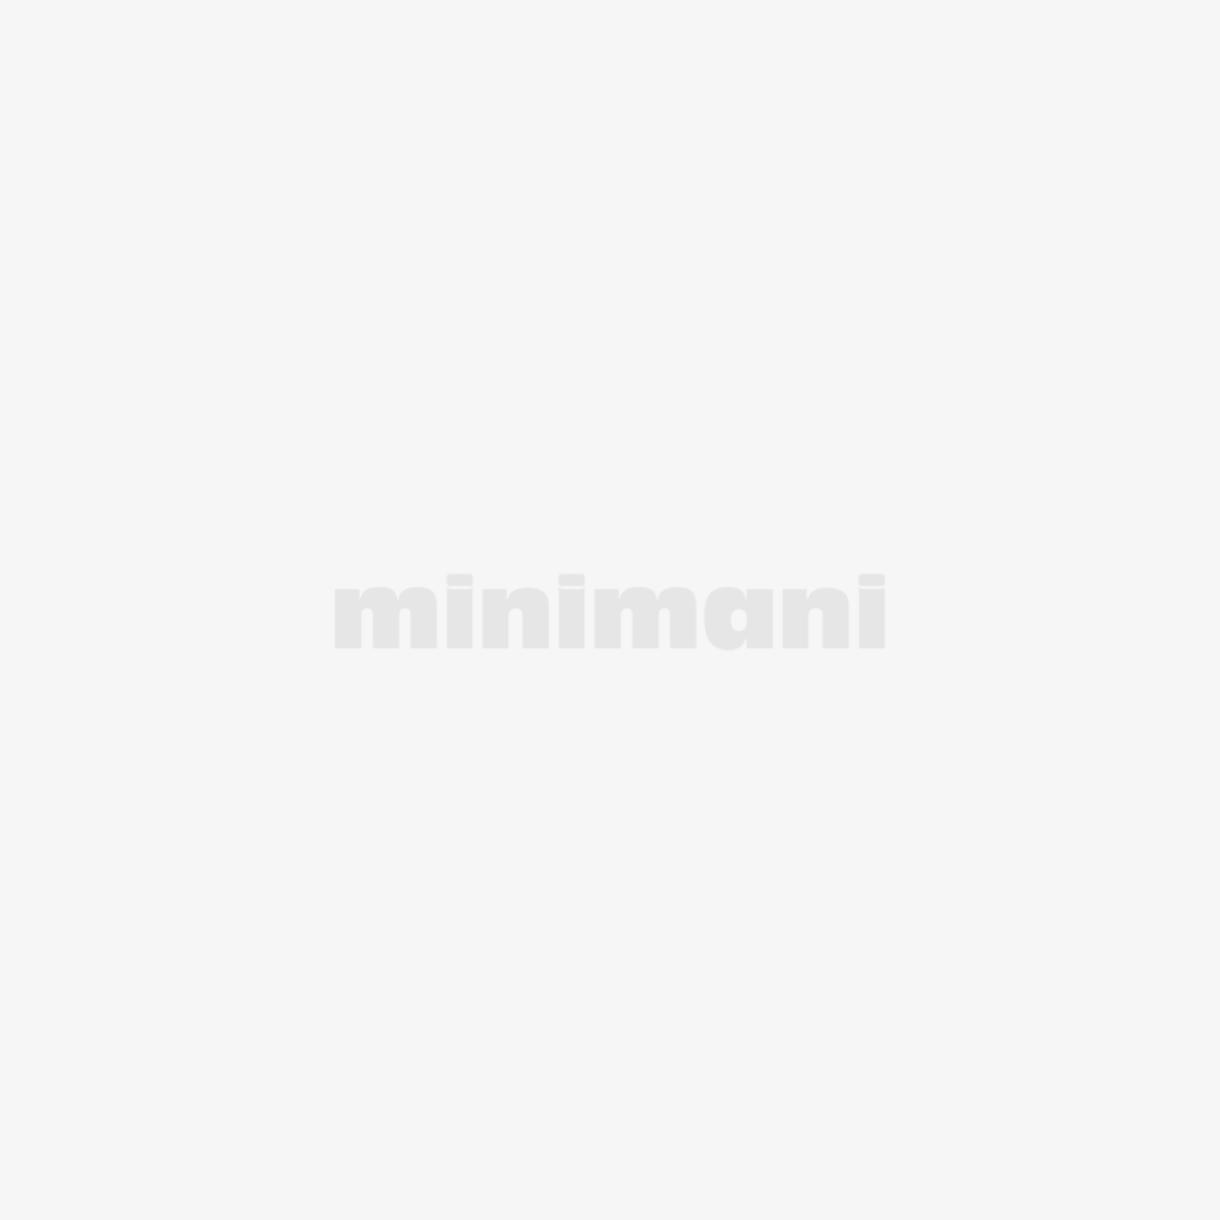 M-FILTER RAITISILMASUODATIN MAC 8019 MONDEO III, X-TYPE